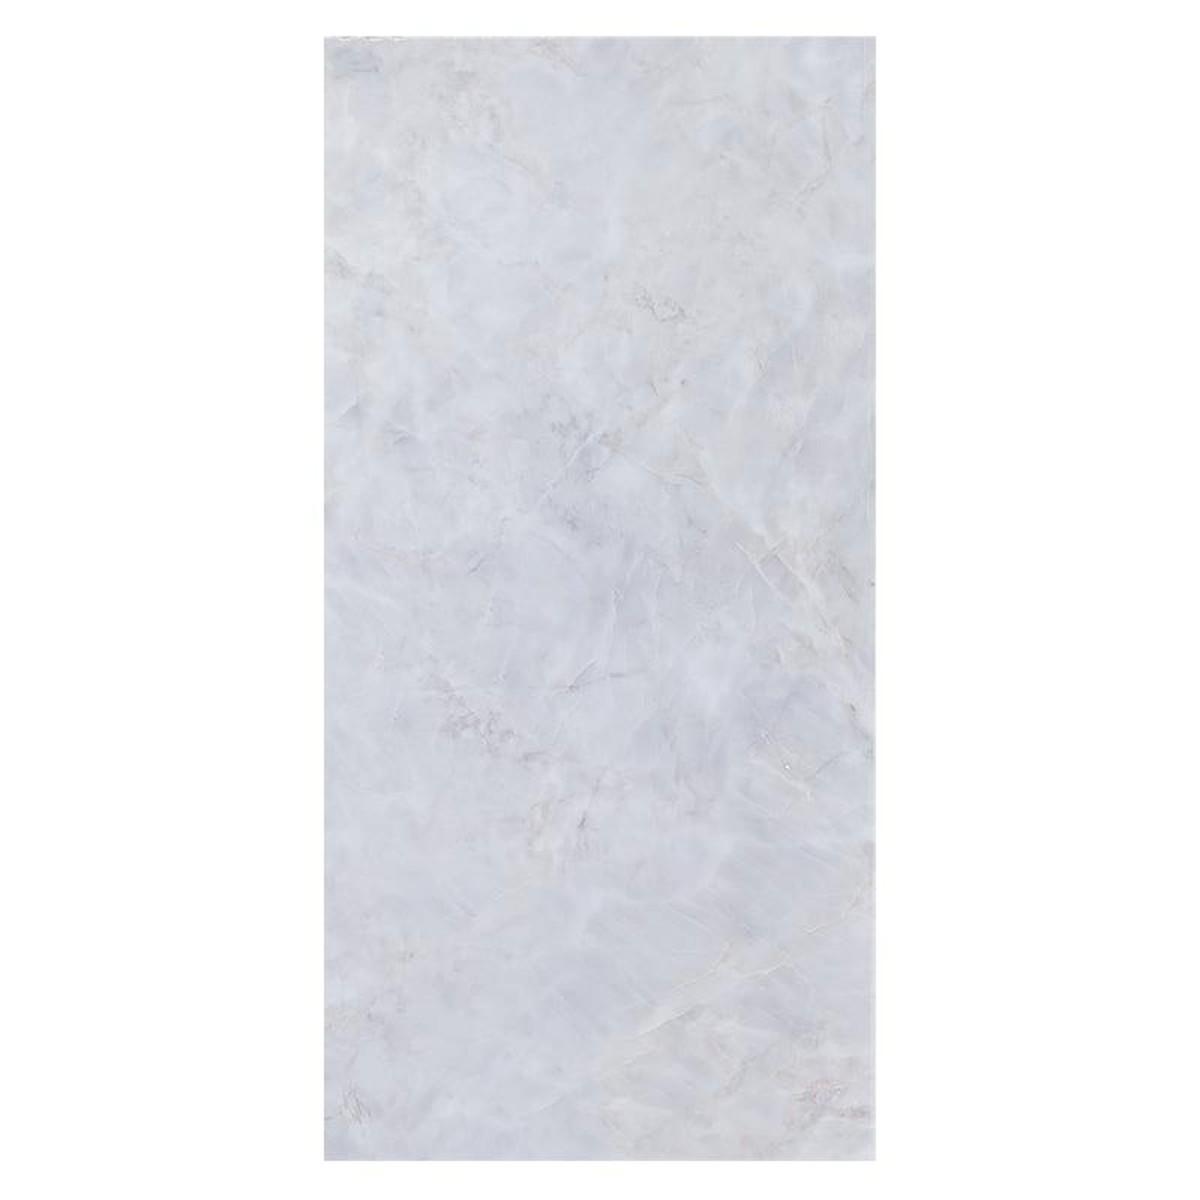 Плитка настенная Бертон цвет серый 20х50 см 12 м2